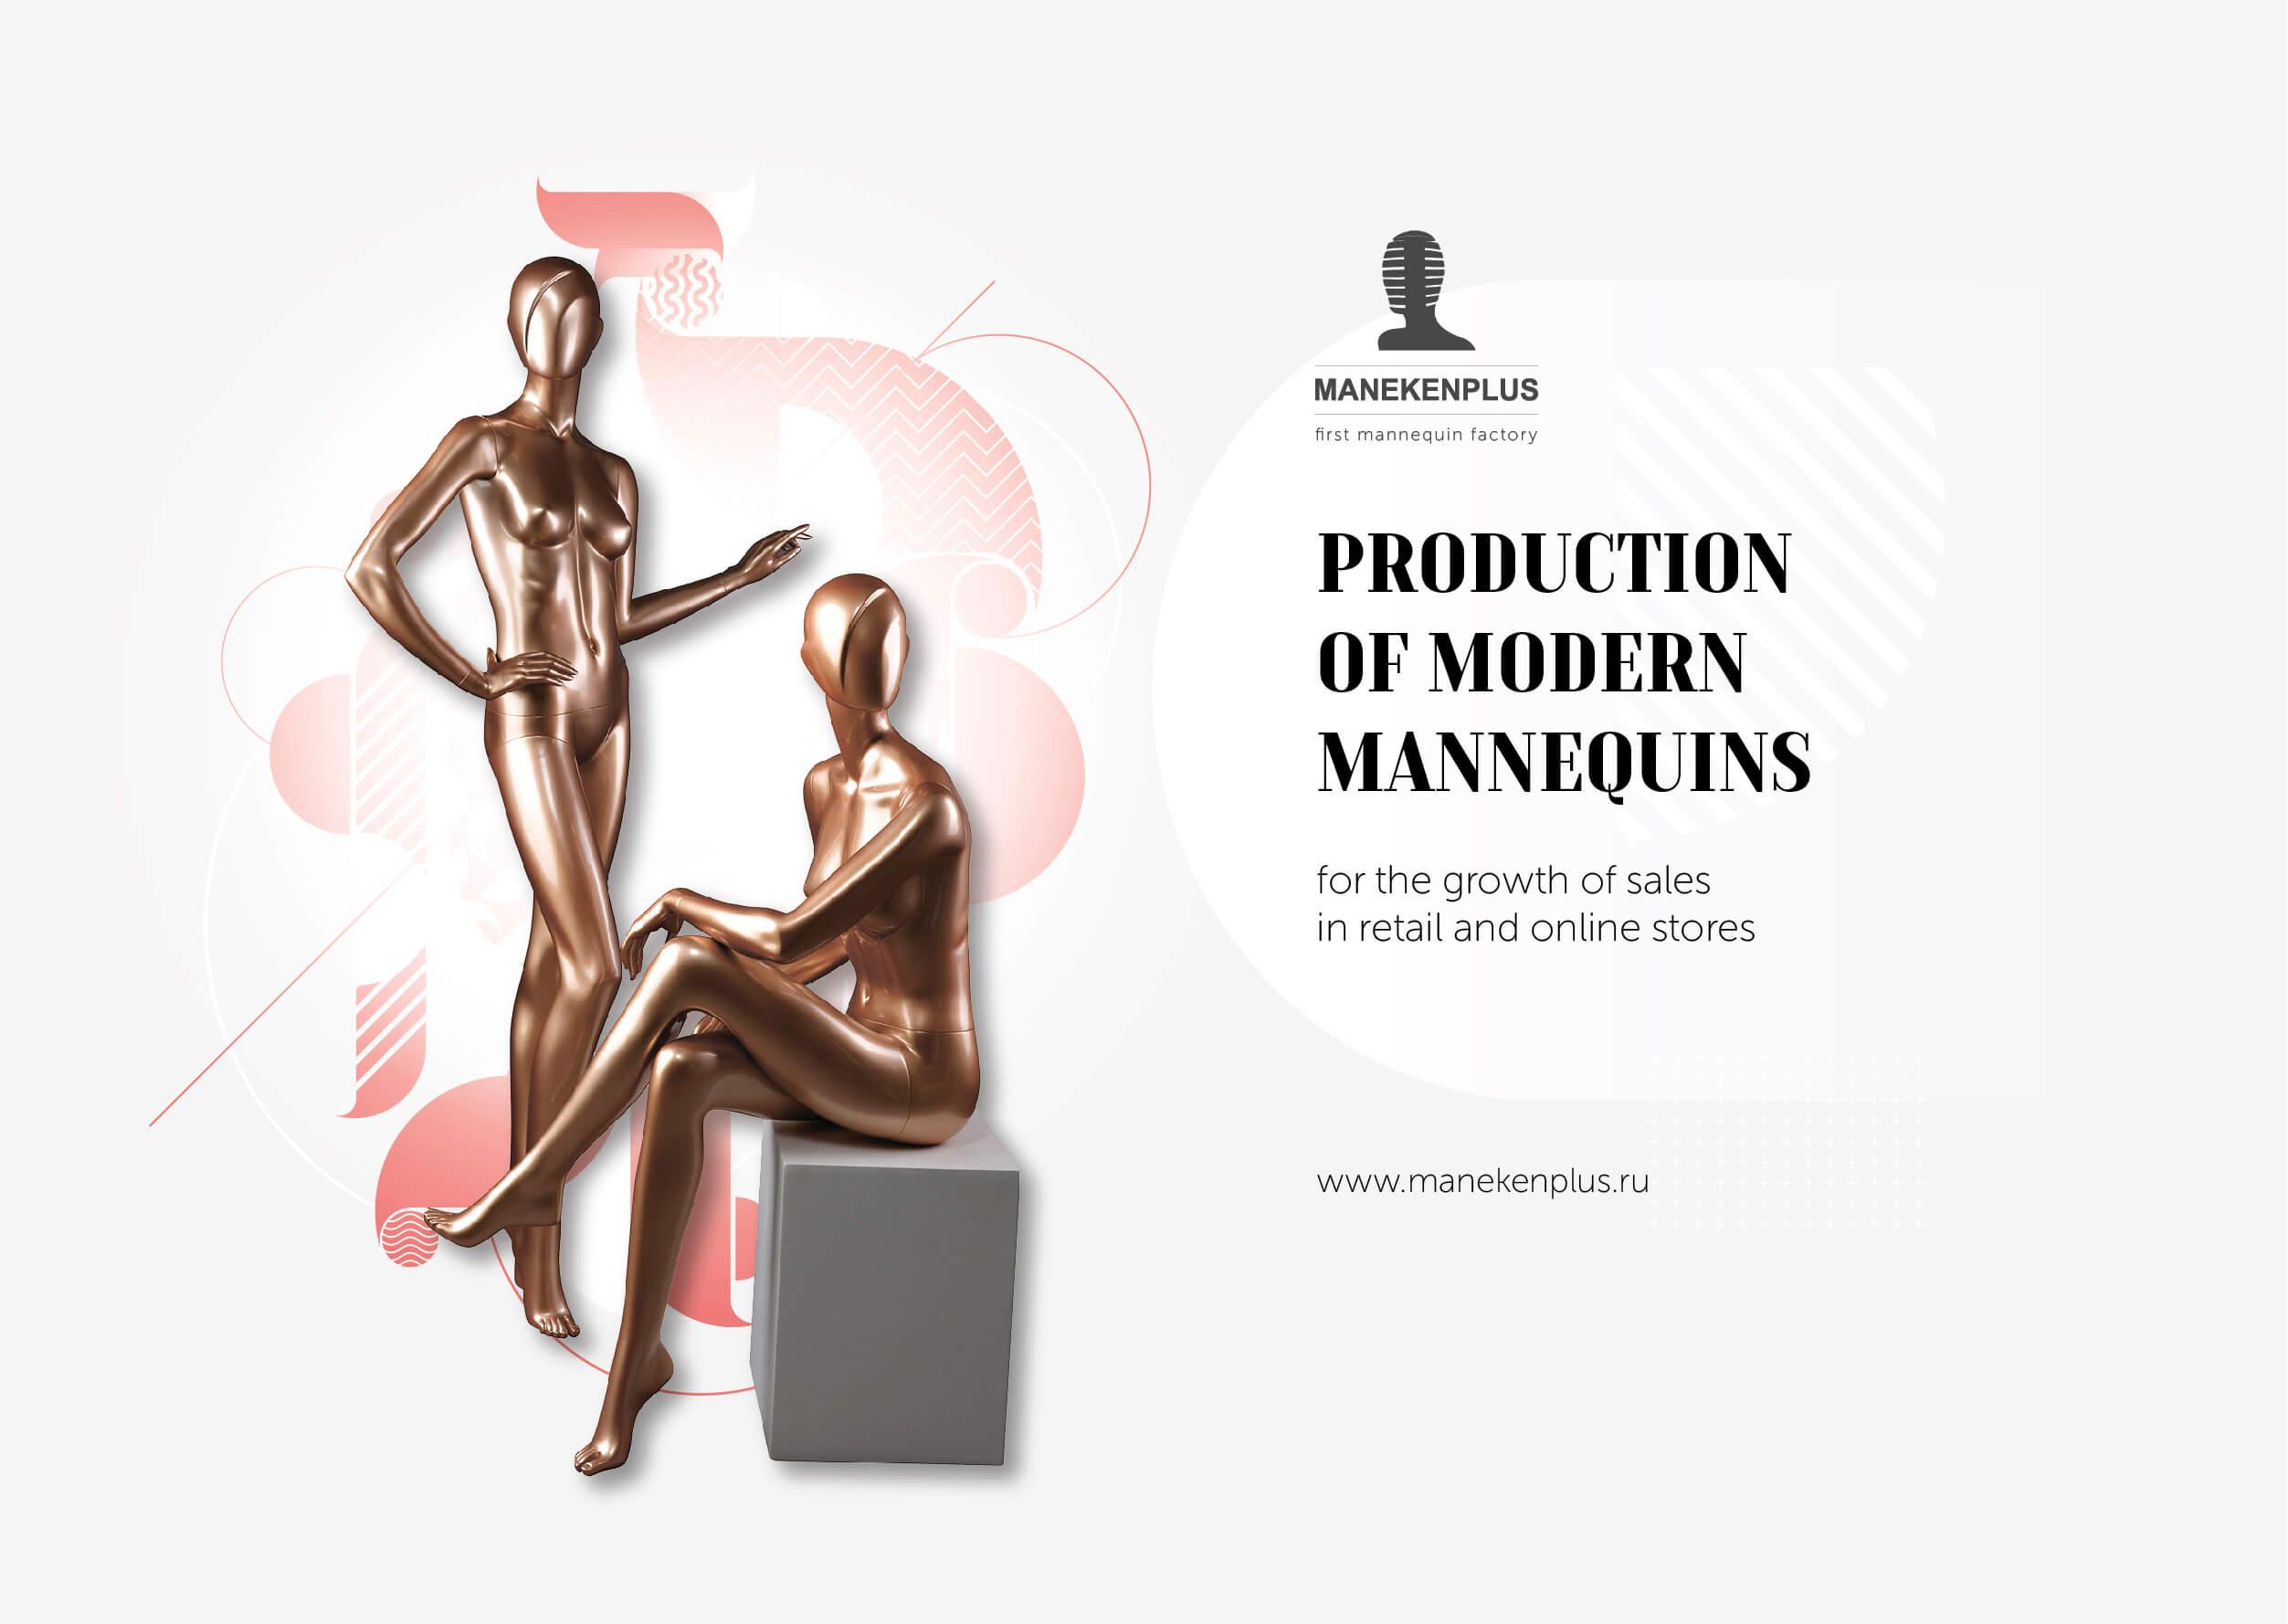 Производство современных манекенов